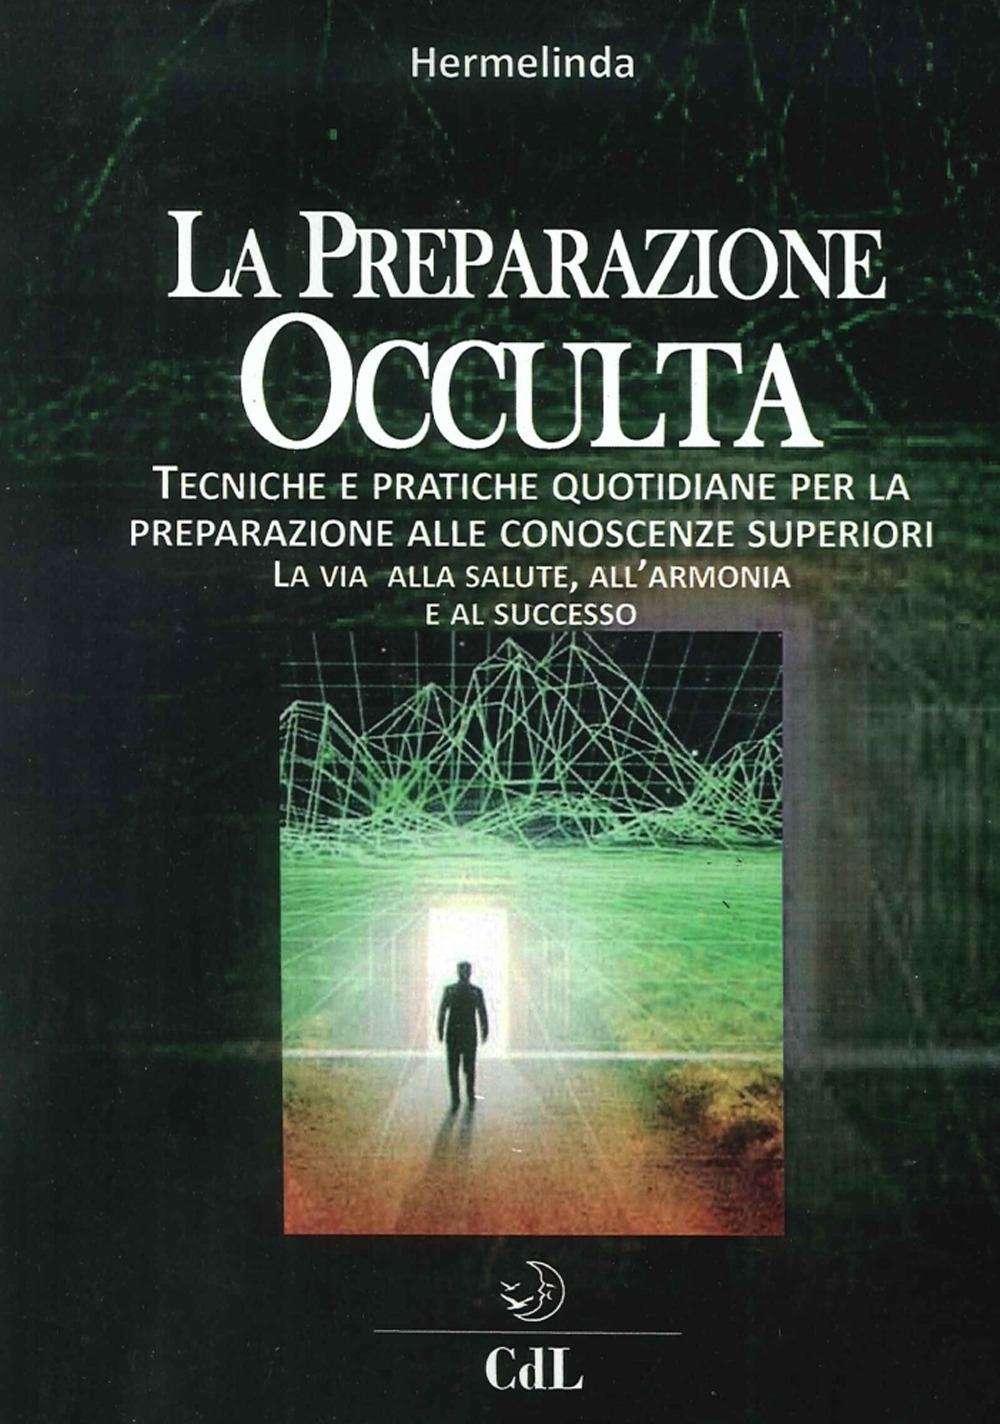 Preparazione Occulta. Tecniche e Pratiche Quotidiane per la Preparazione alle Conoscenze Superiori. La Via alla Salute, all'Armonia e al Successo.